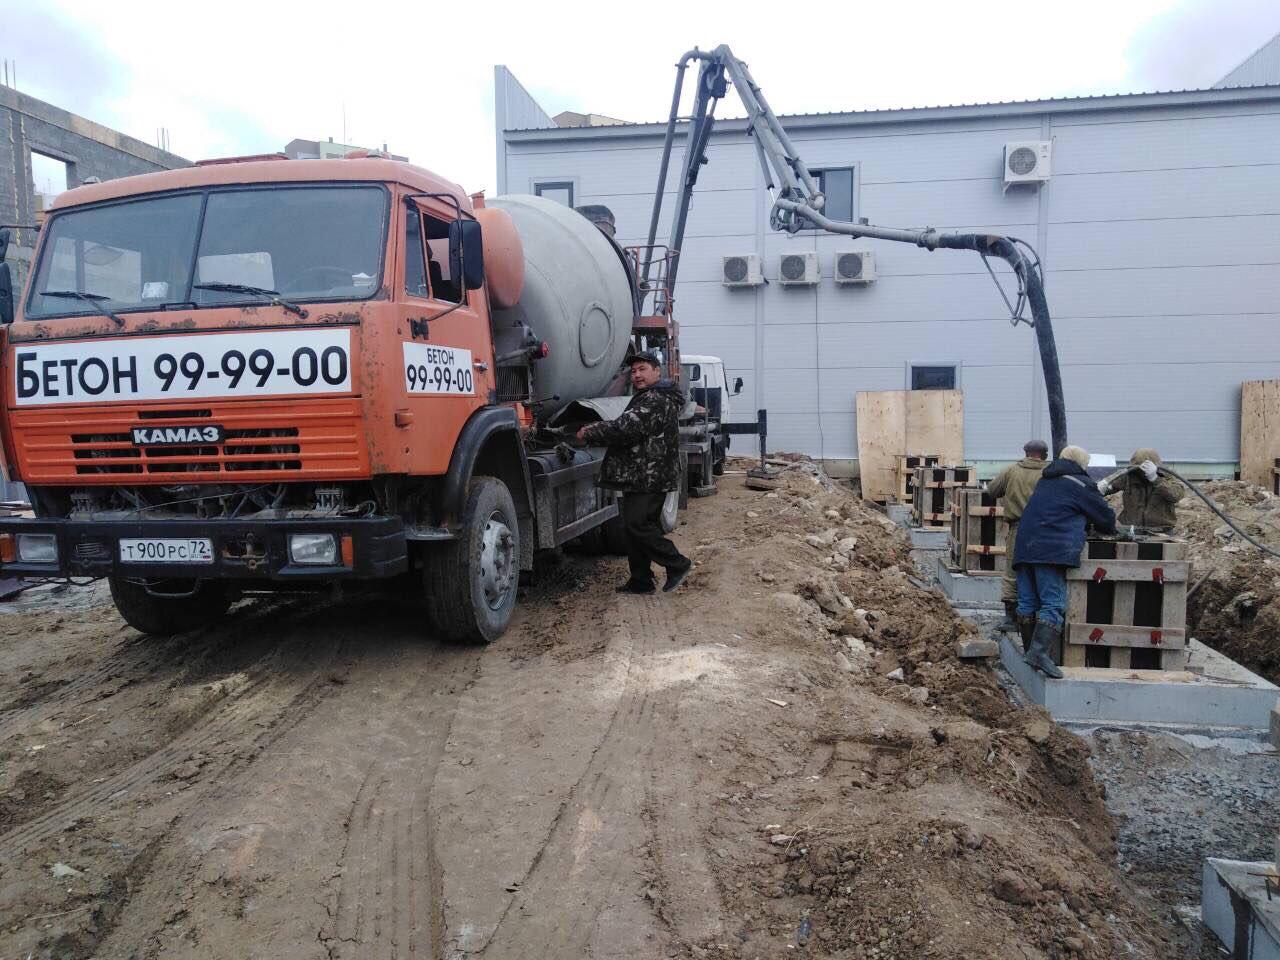 Бетон тюмень цена окпд 2 смесь бетонная